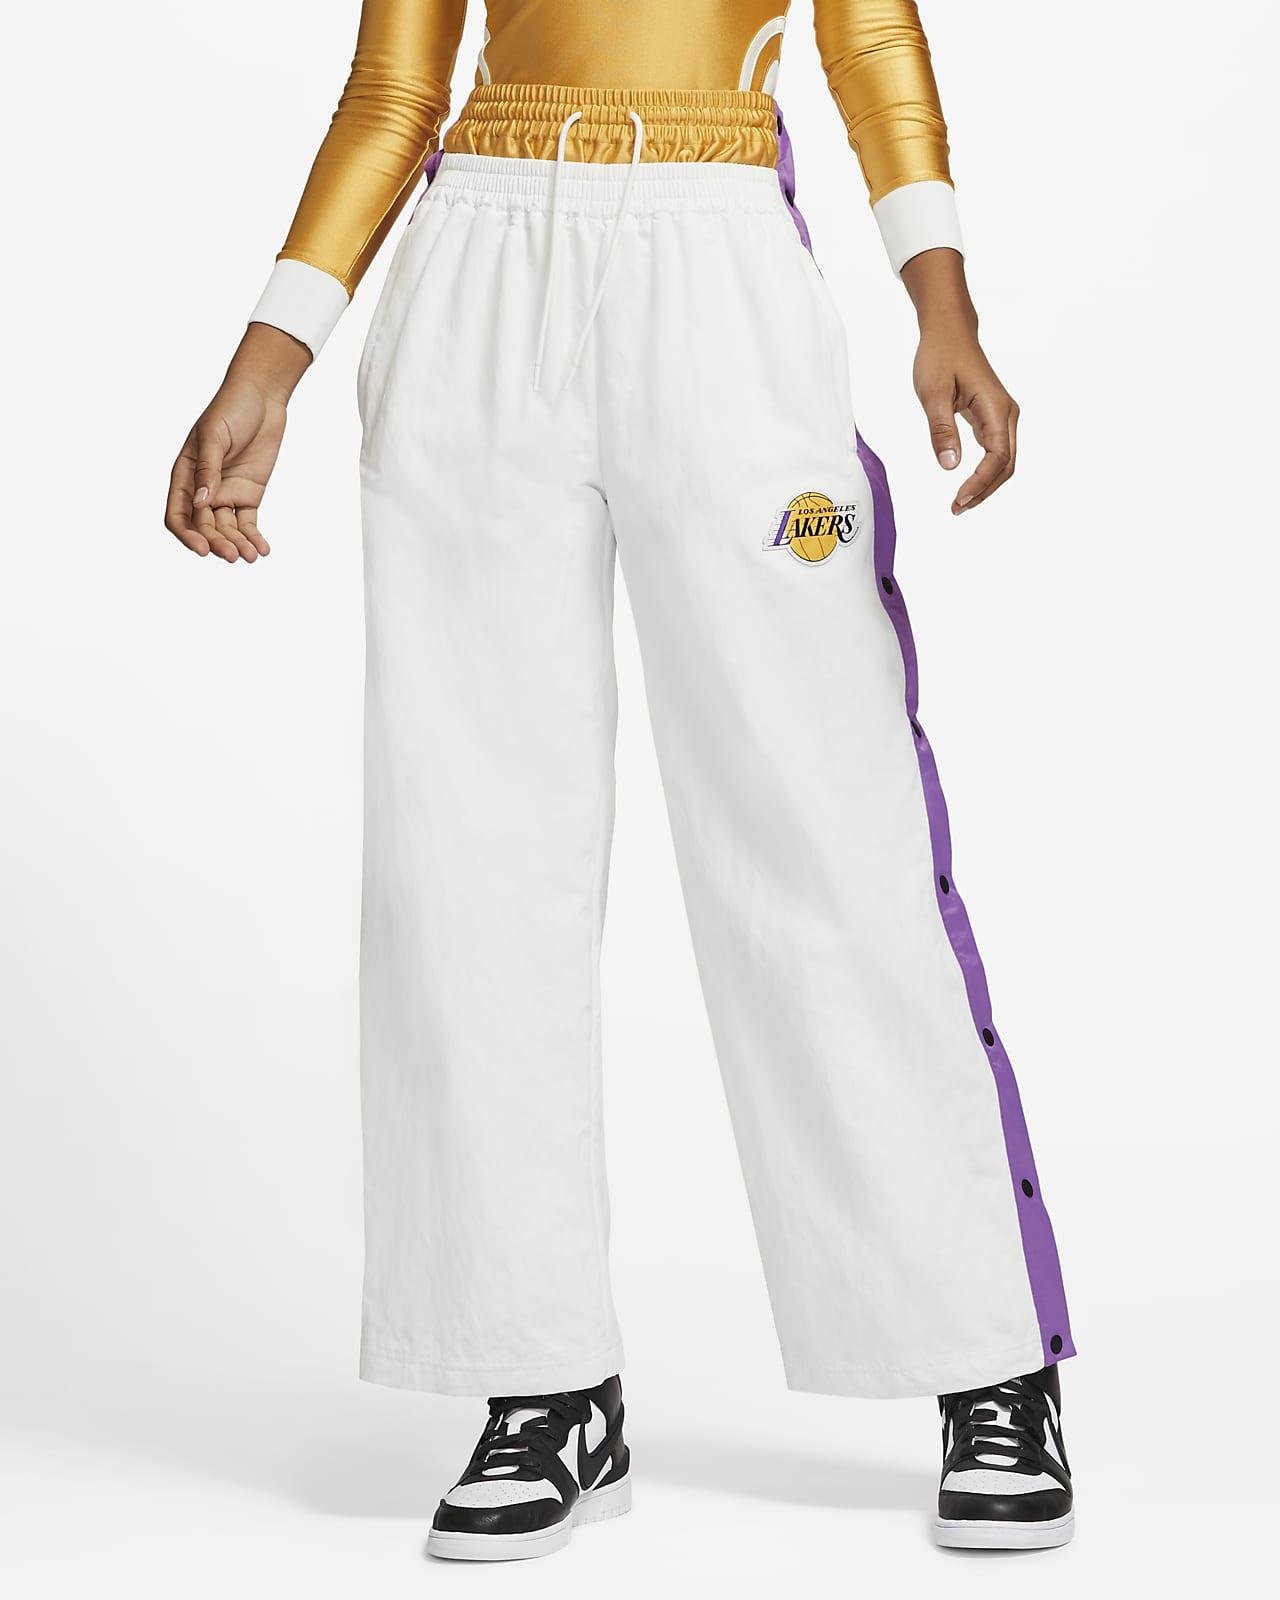 กางเกงขายาว Tearaway ผู้หญิง Nike x AMBUSH®